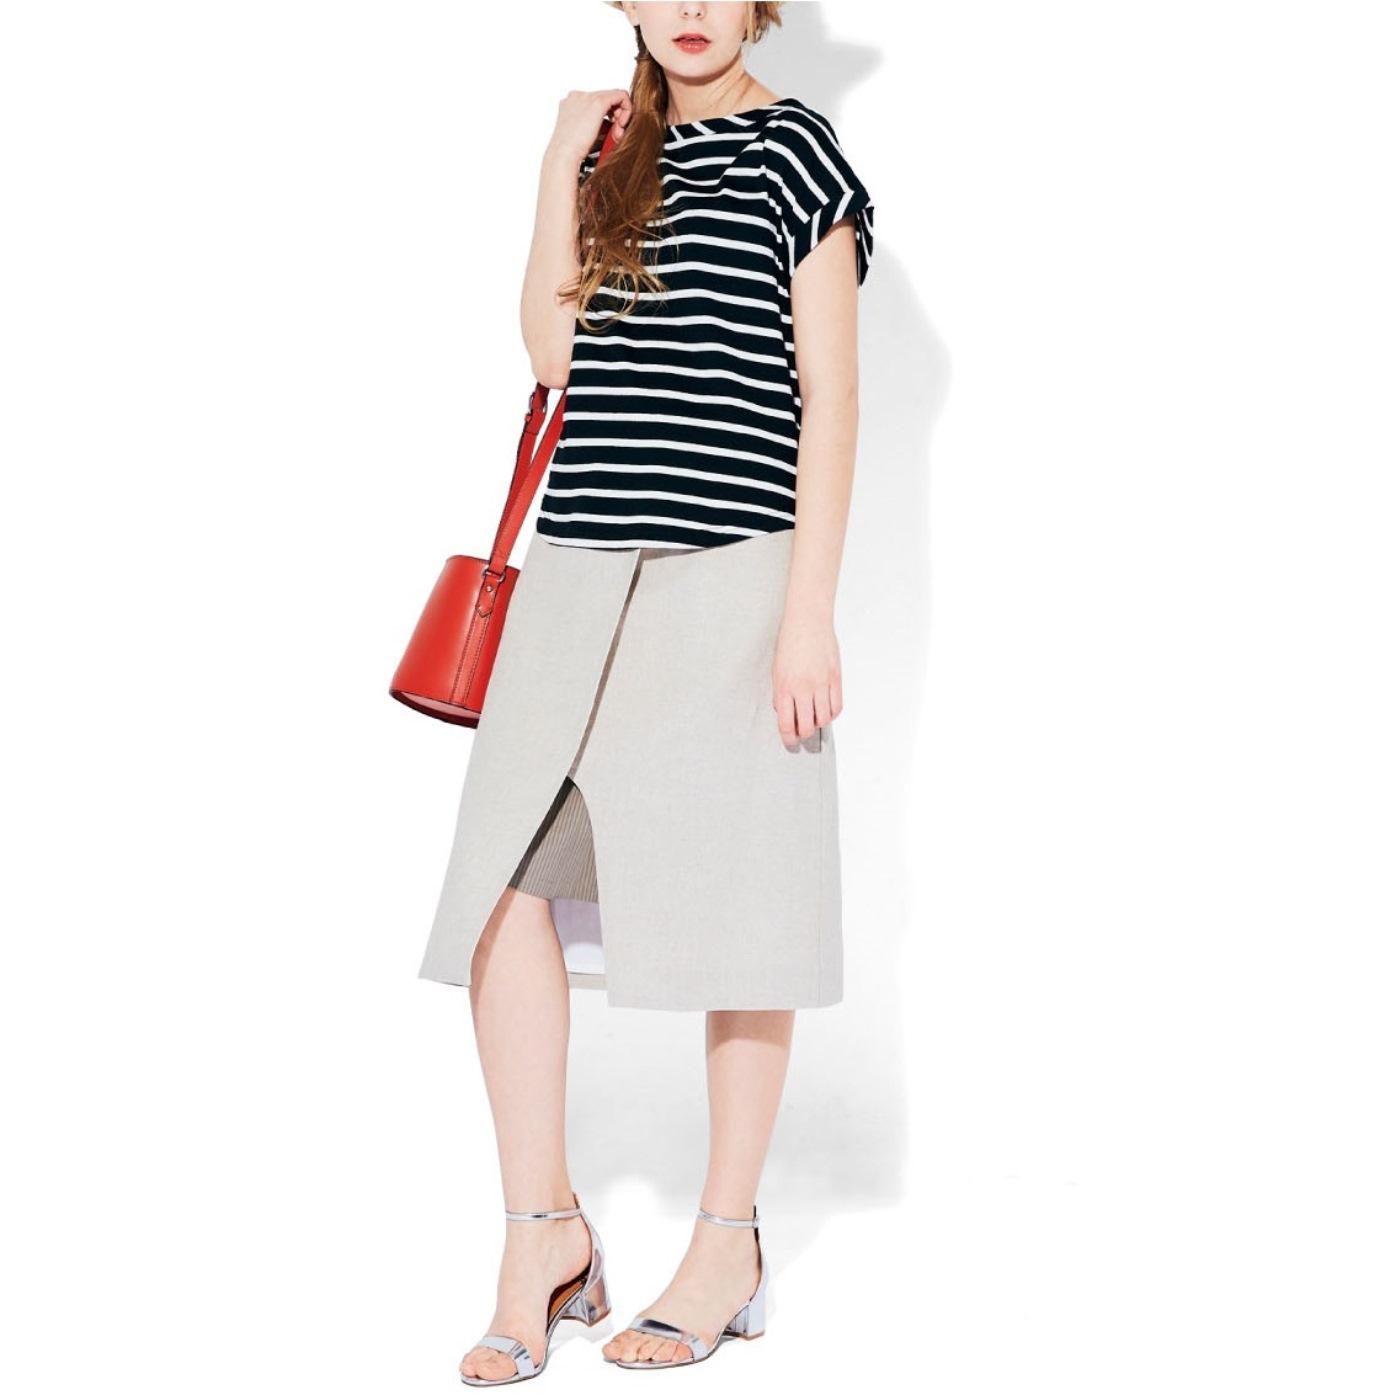 ラップスカートからちらりと見えても、重ね着風でかわいい!